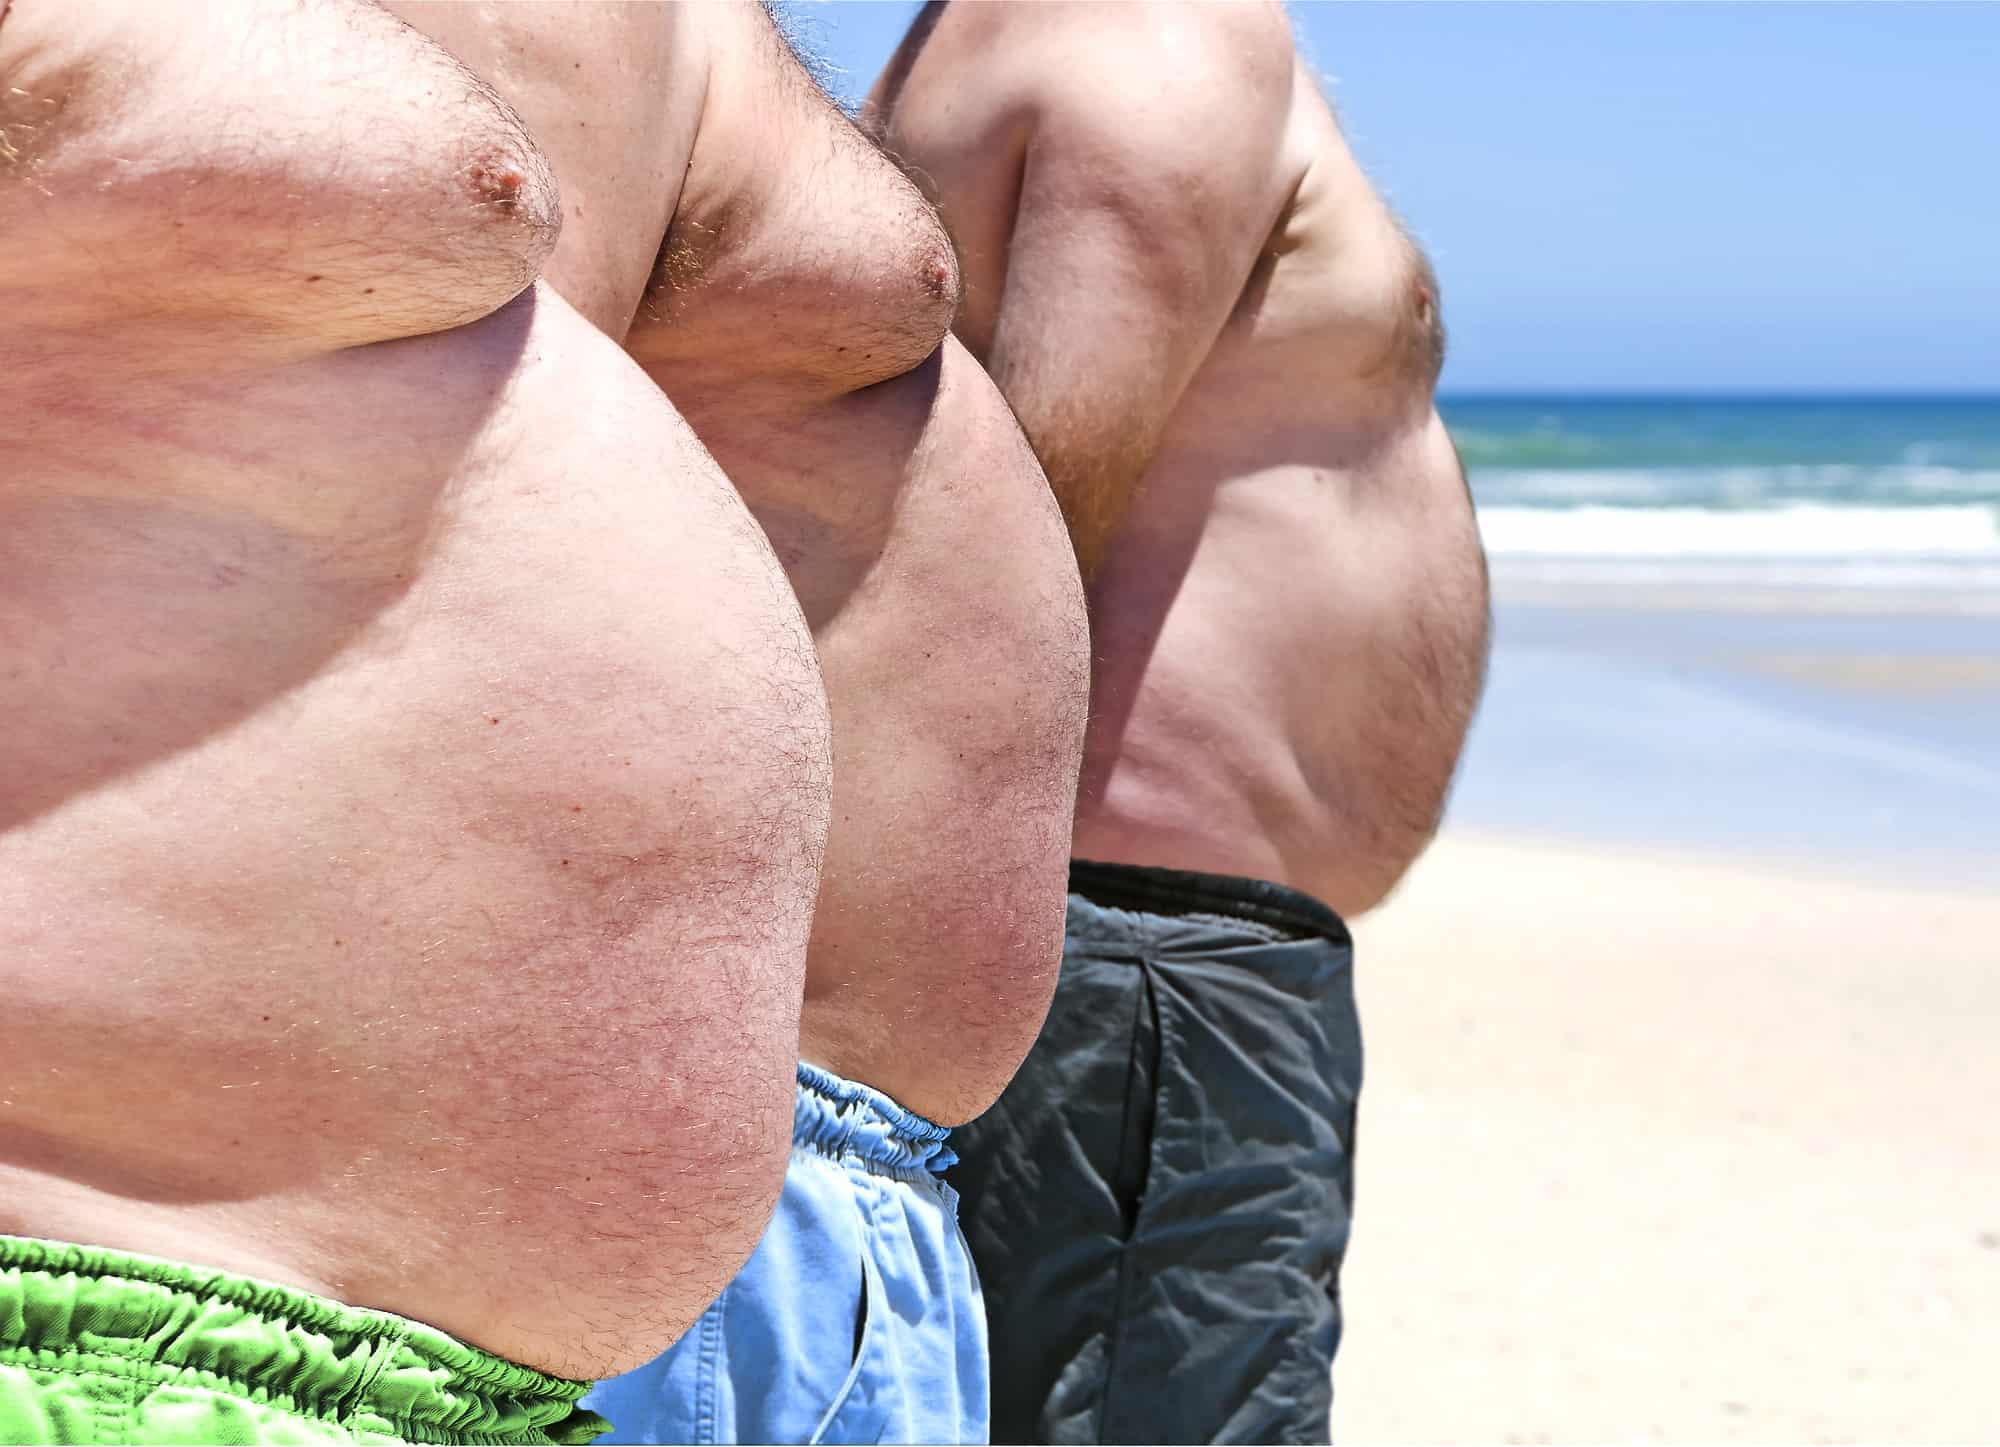 Incentivi per la palestra e sgravi fiscali per perdere peso.